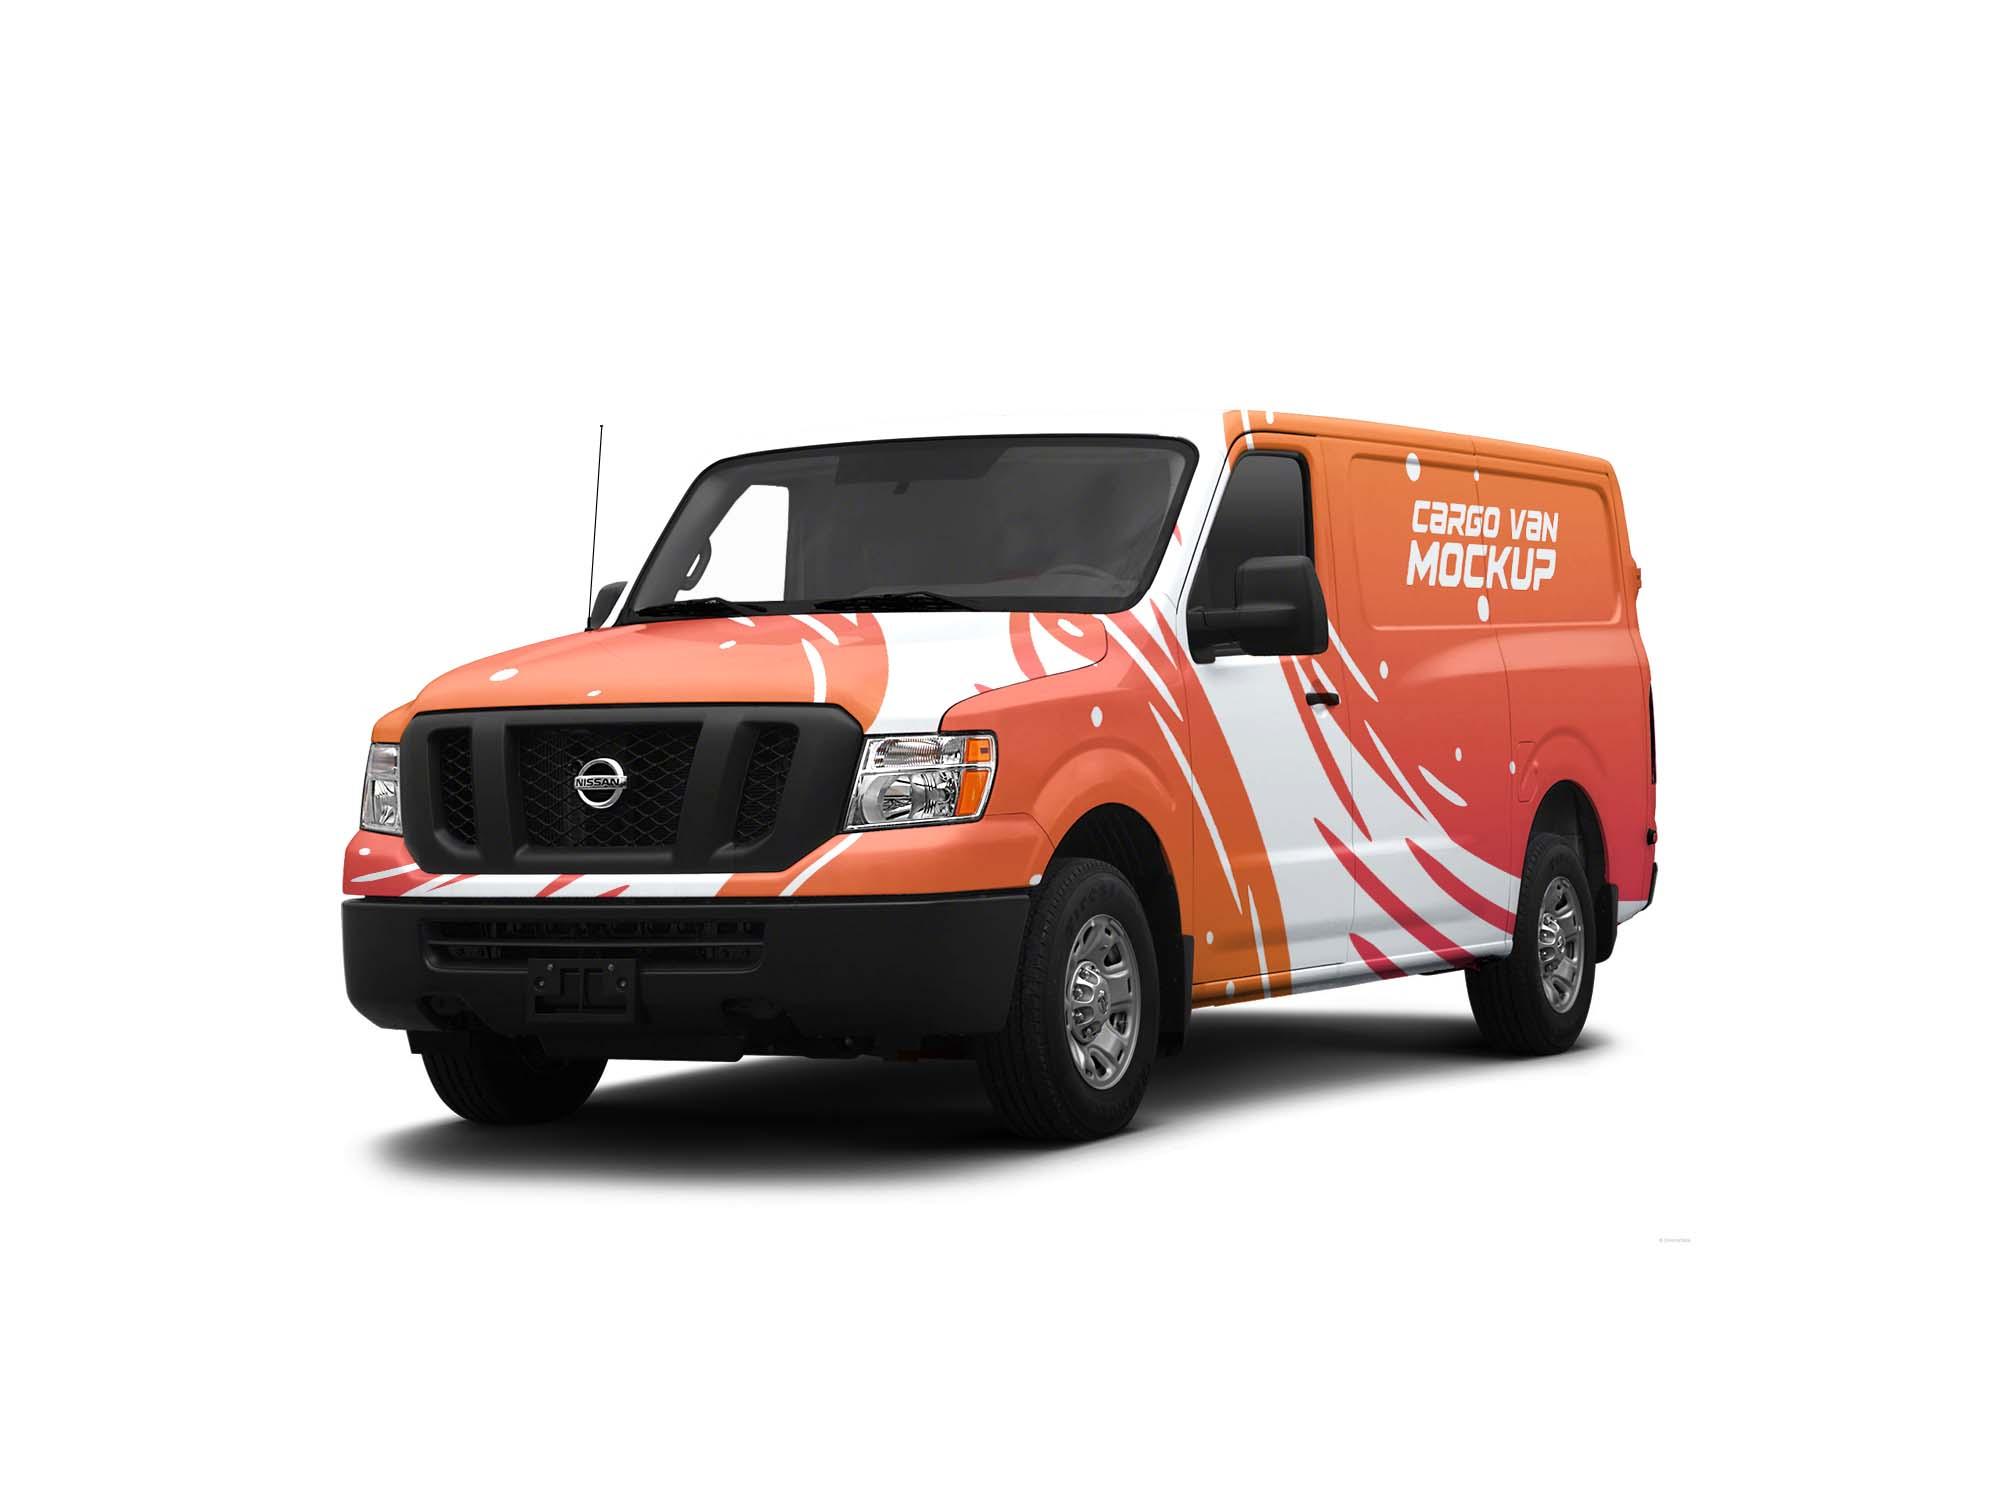 Cargo Van Mockup 2